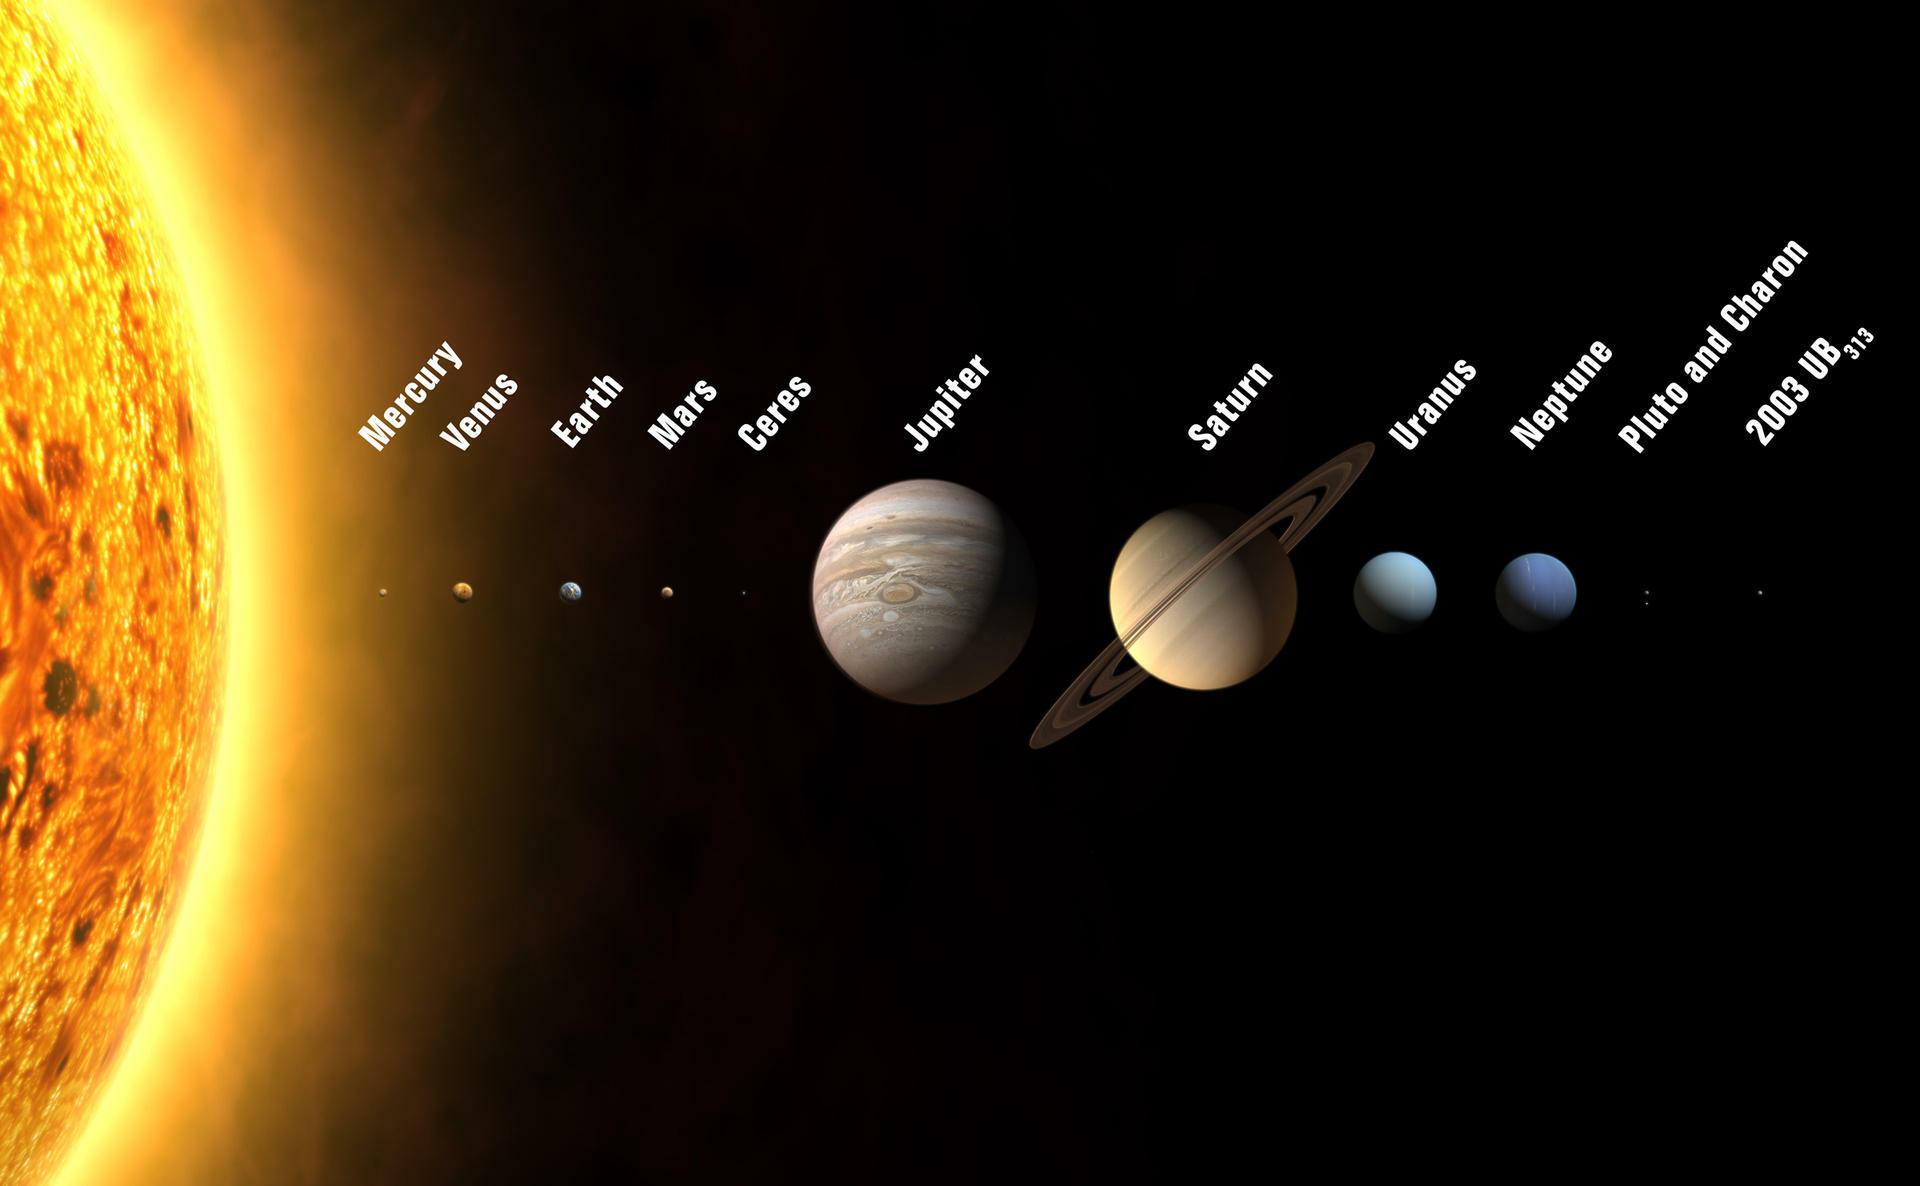 Astronomie: Die Liste Der Zwergplaneten Wächst innen Wie Viele Planeten Gibt Es In Unserem Sonnensystem